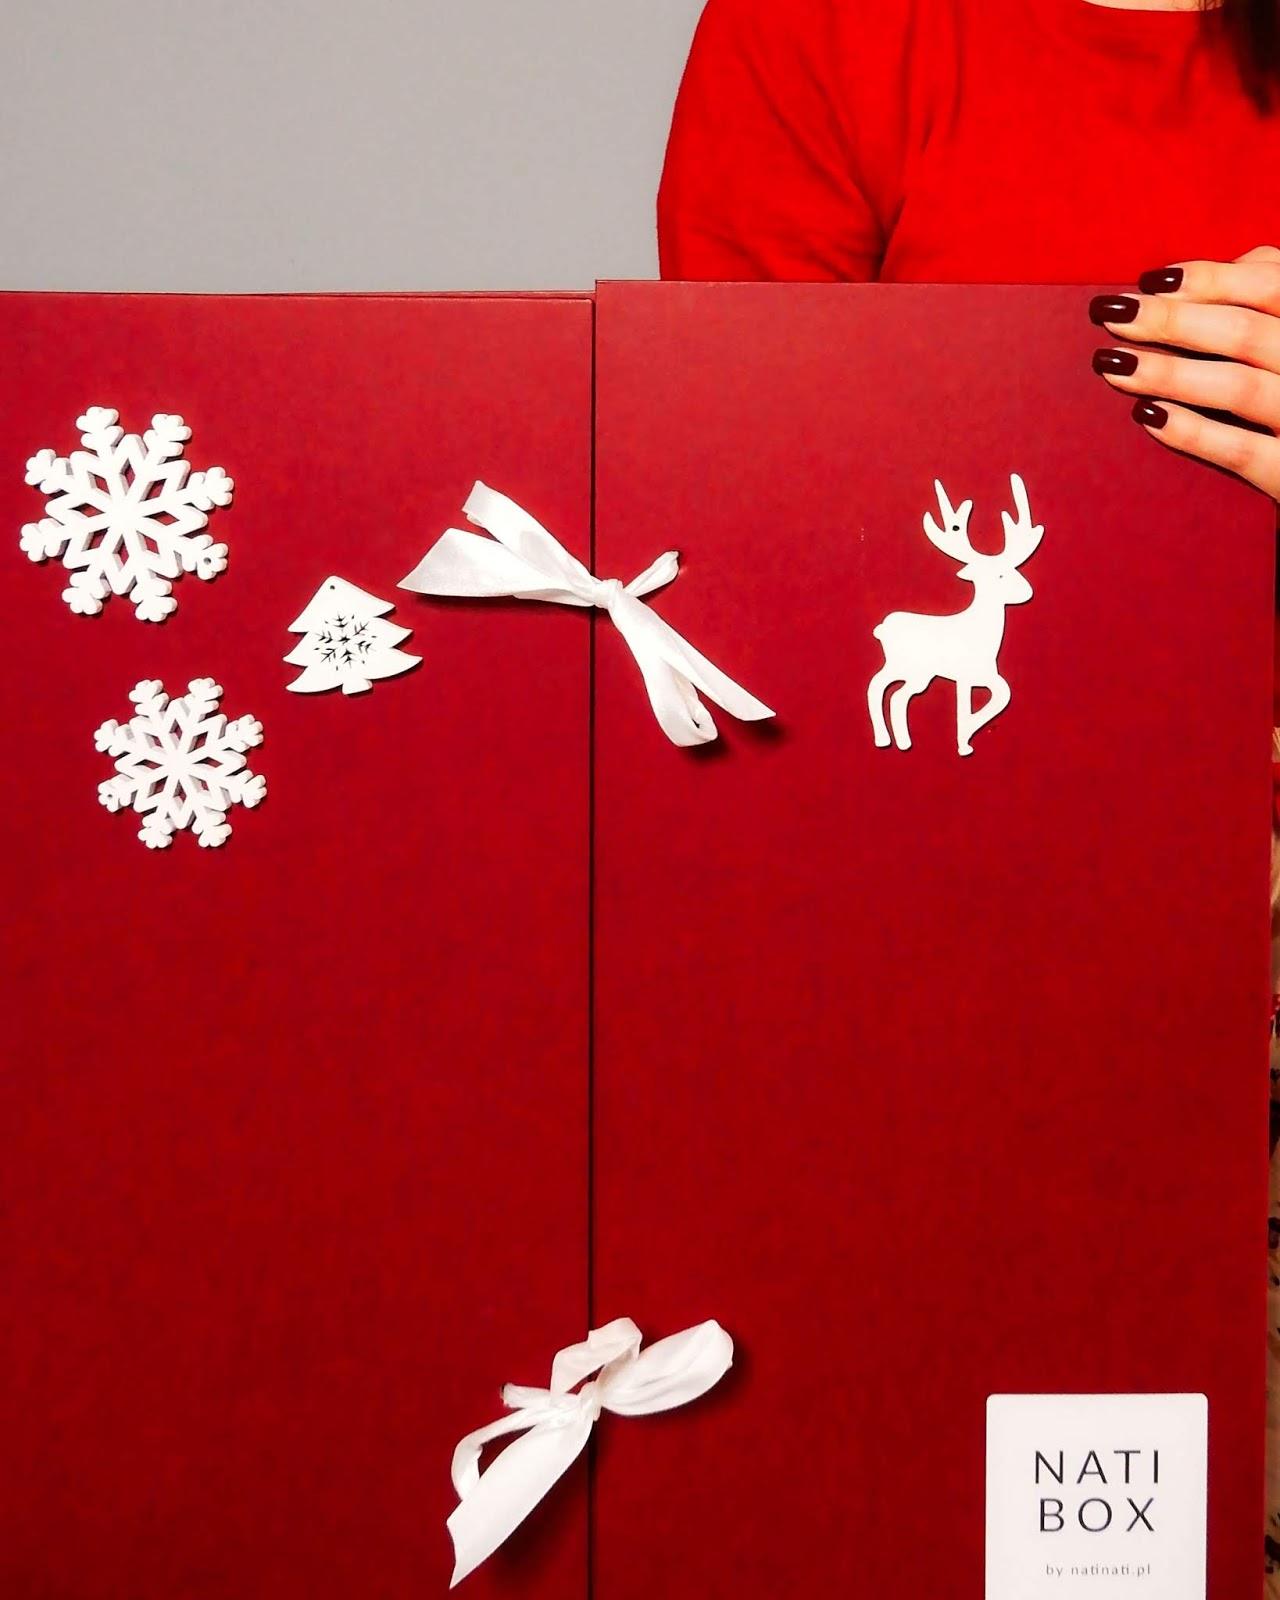 Kalendarz Adwentowy z Naturalnymi kosmetykami Beauty Inside, Nati Box, drogeria NatiNati,